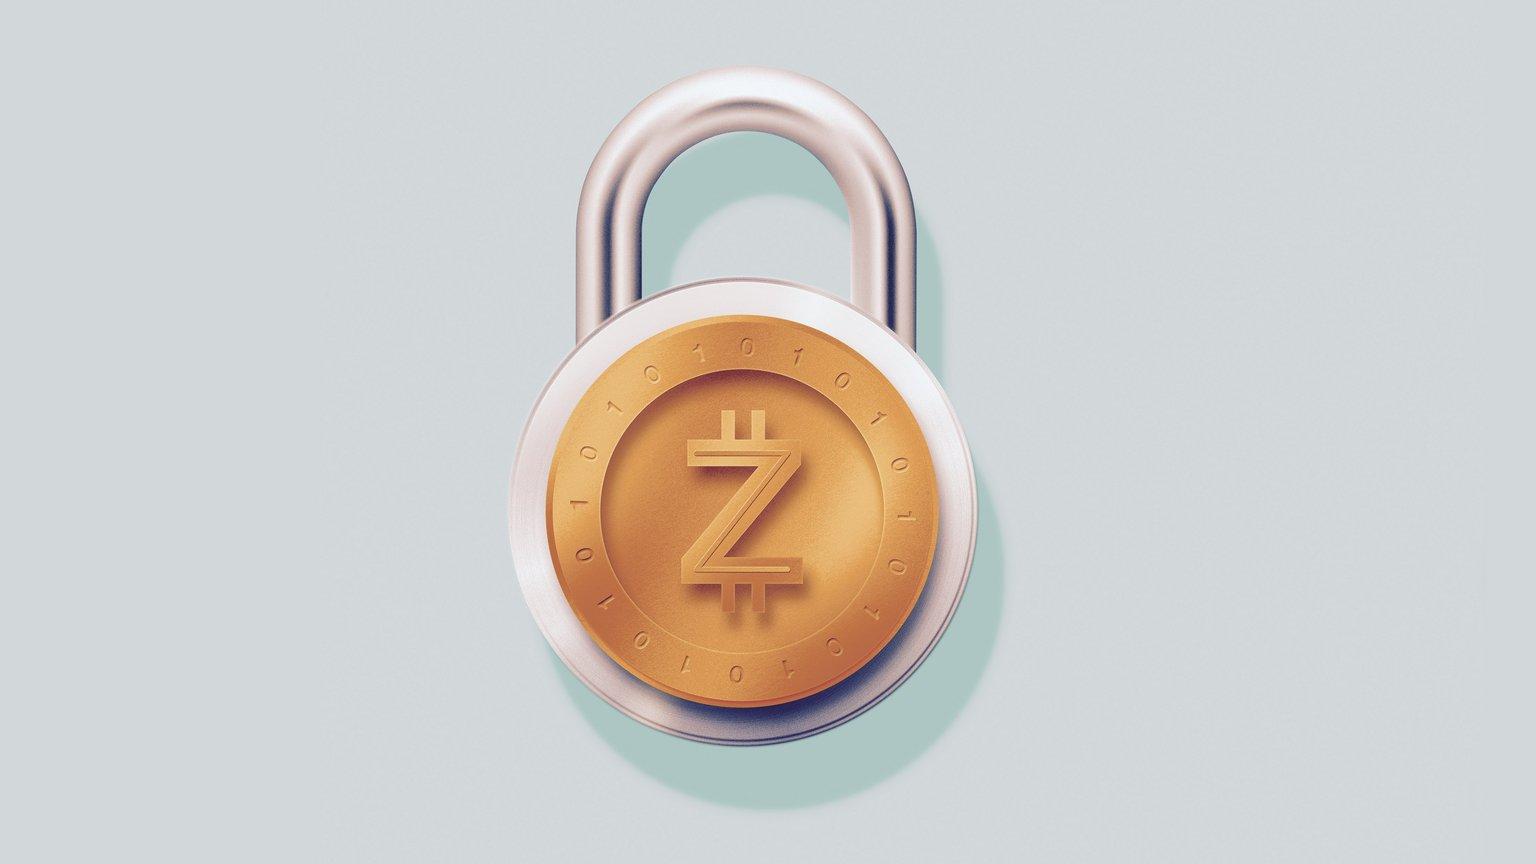 Zerocoins, i cugini di bitcoin che garantiscono l'anonimato